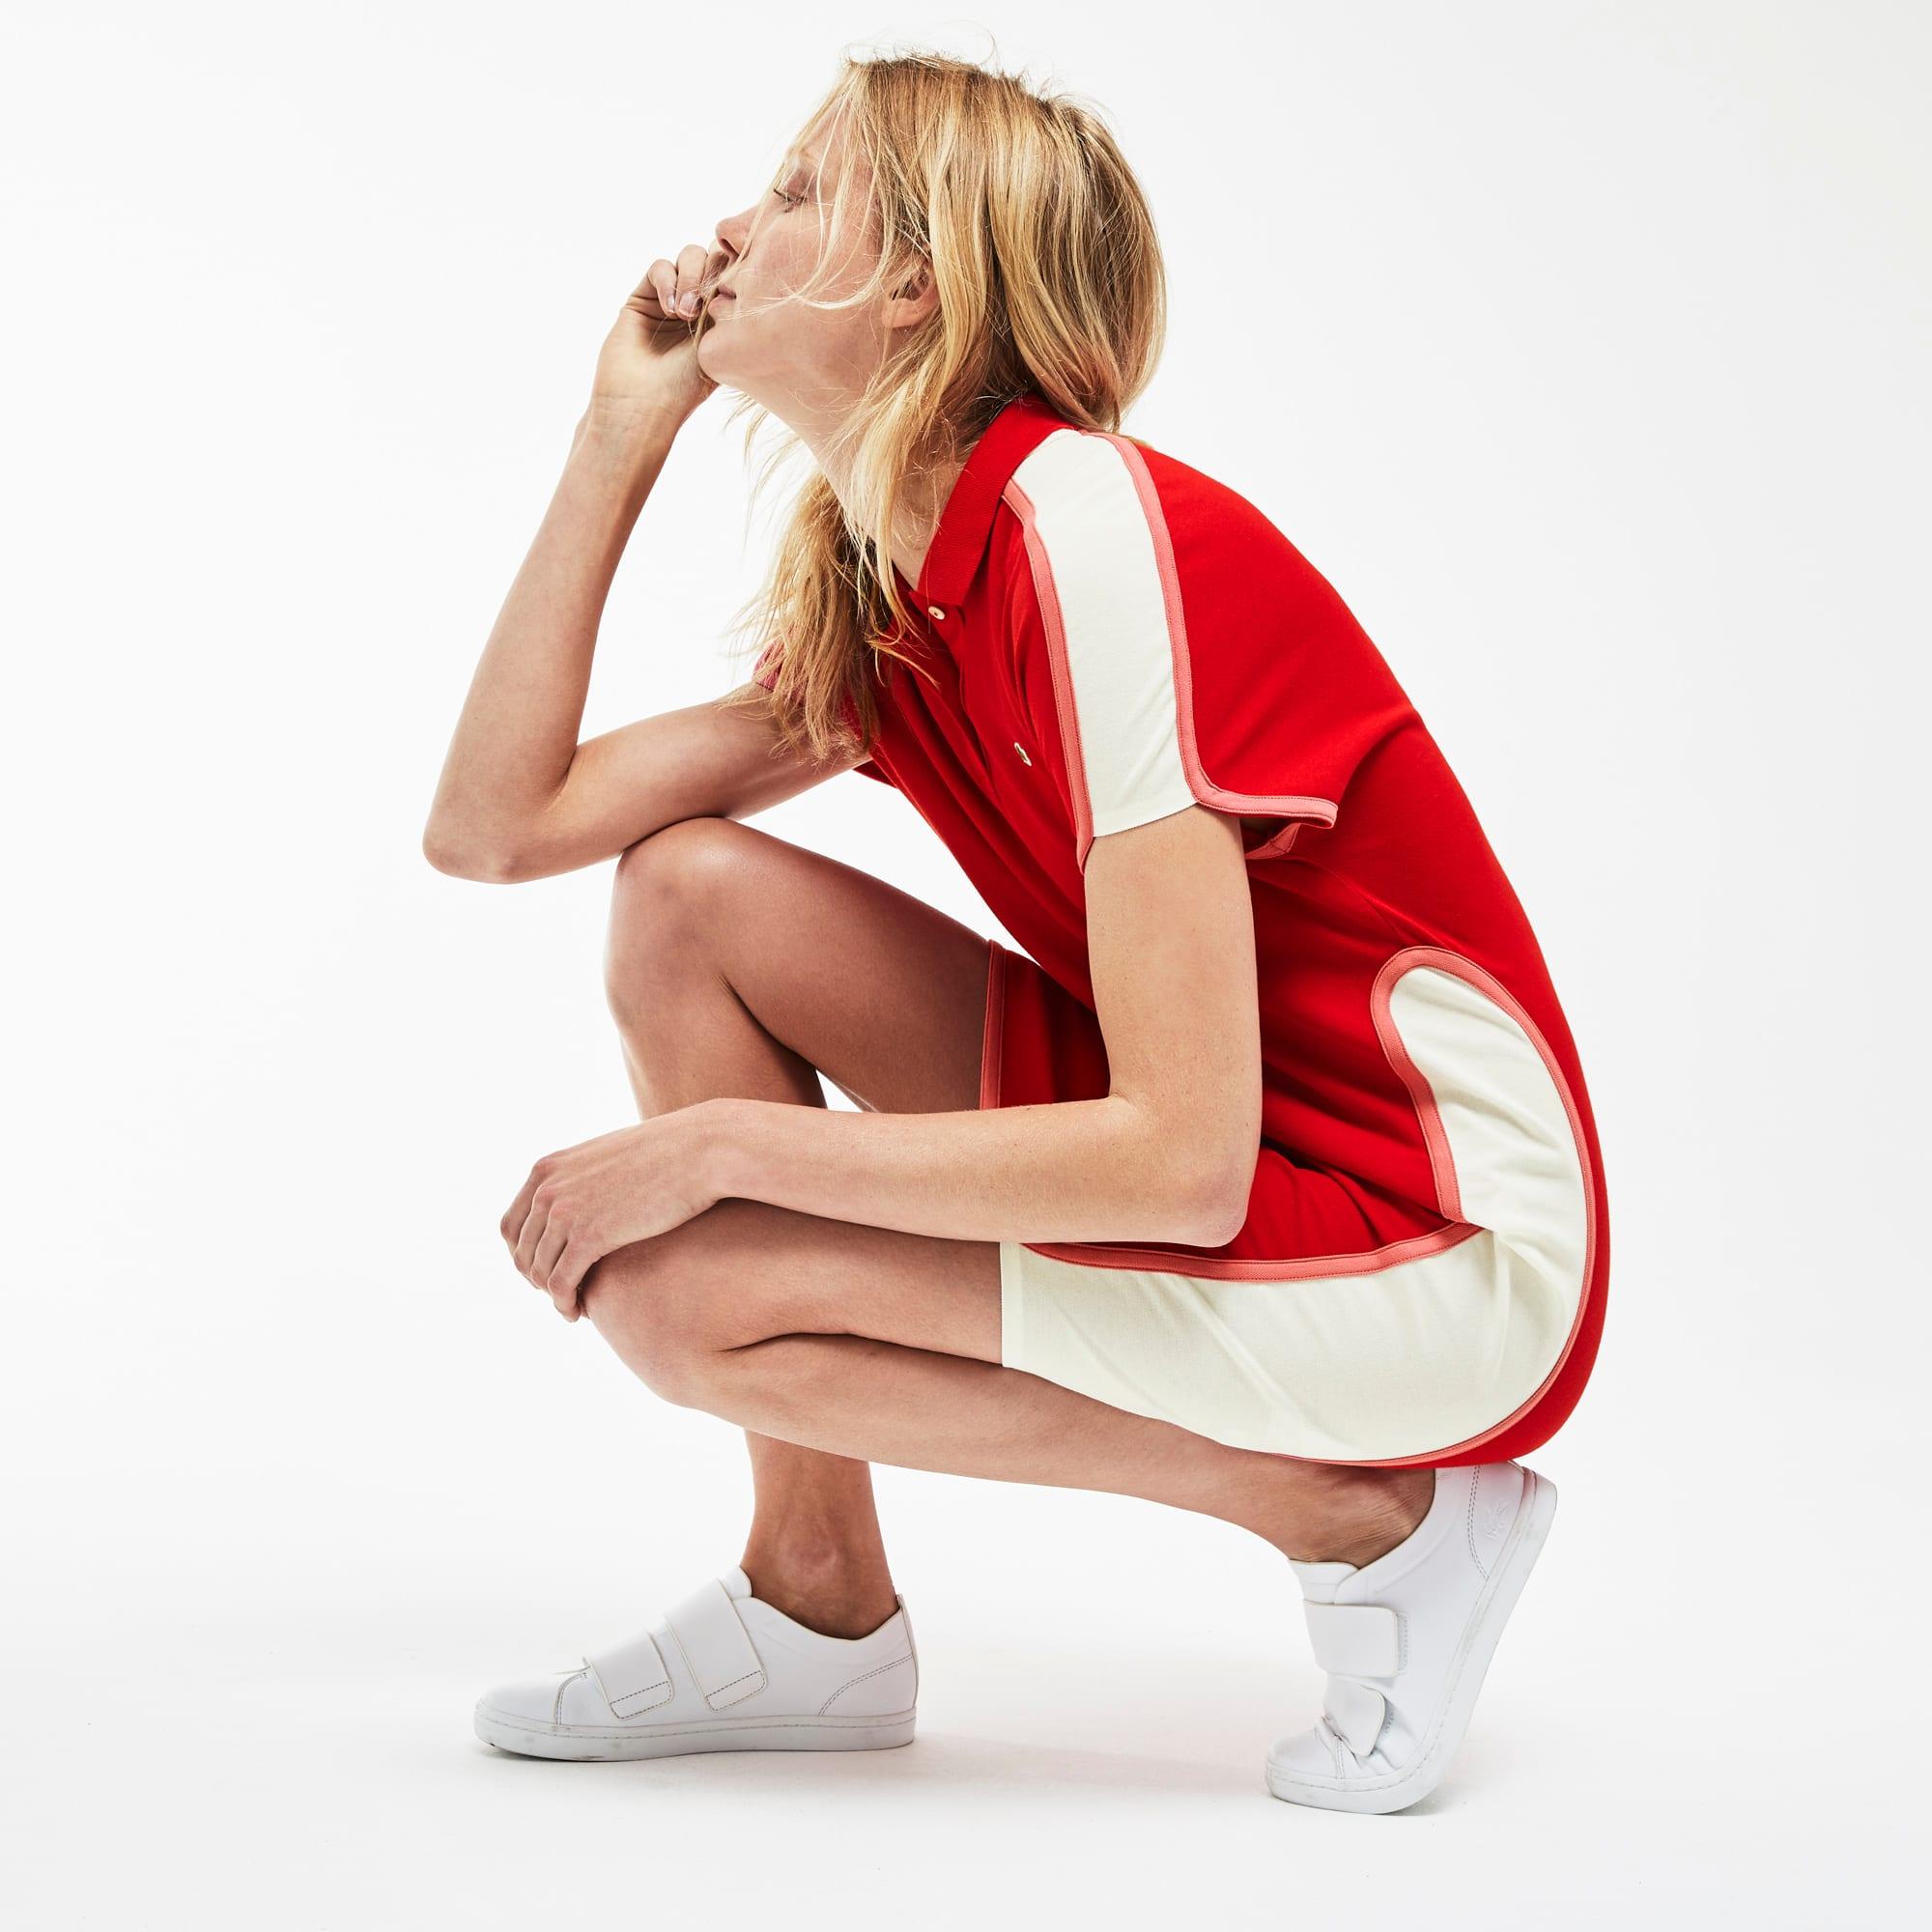 فستان بولو نسائي من مجموعة صُنع في فرنسا مصمم بخامة بيكيه في ألوان متصادمة